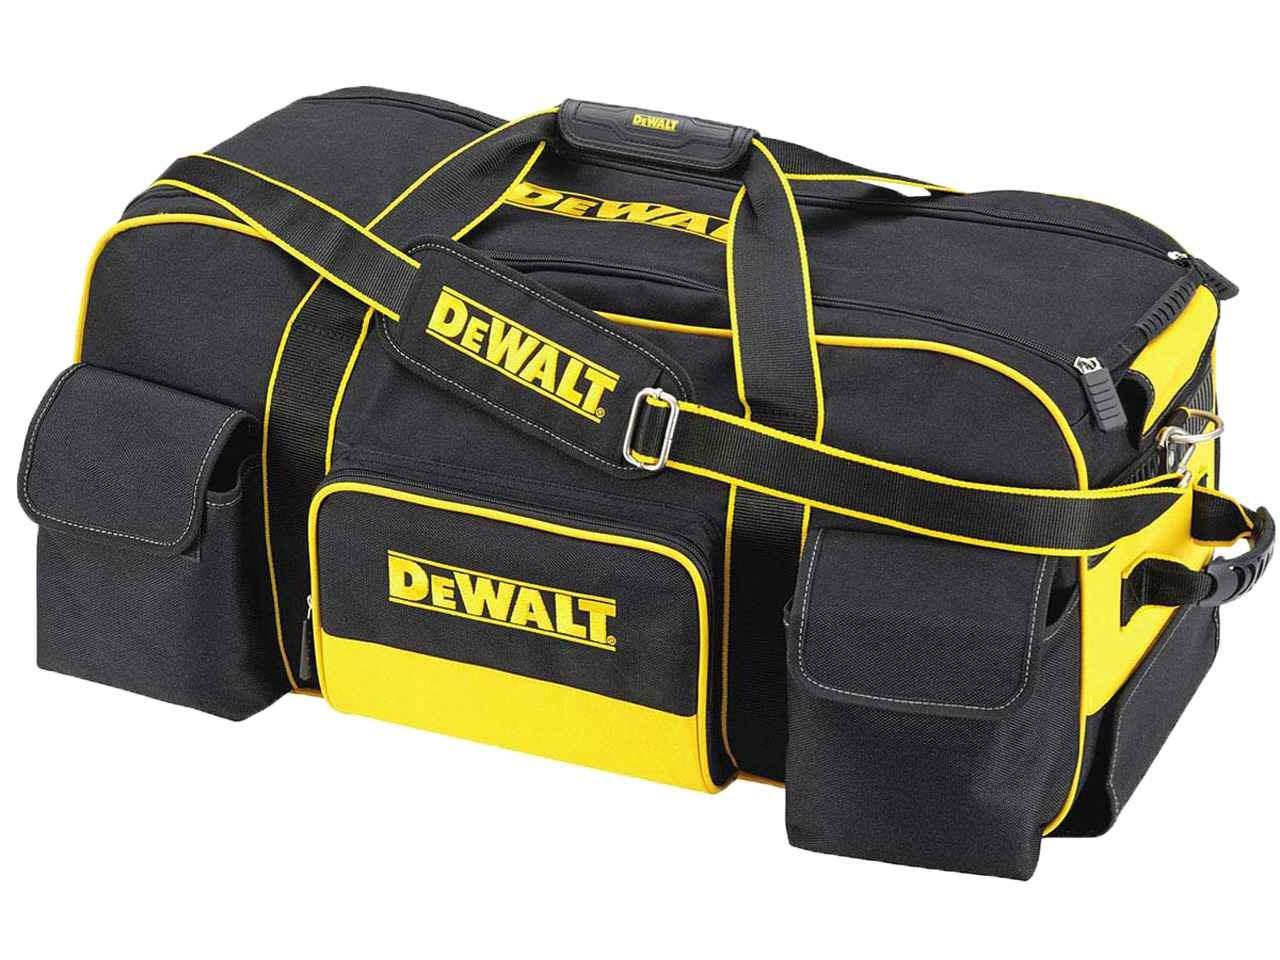 Dewalt Dwst1 79210 Large Duffle Bag With Wheels